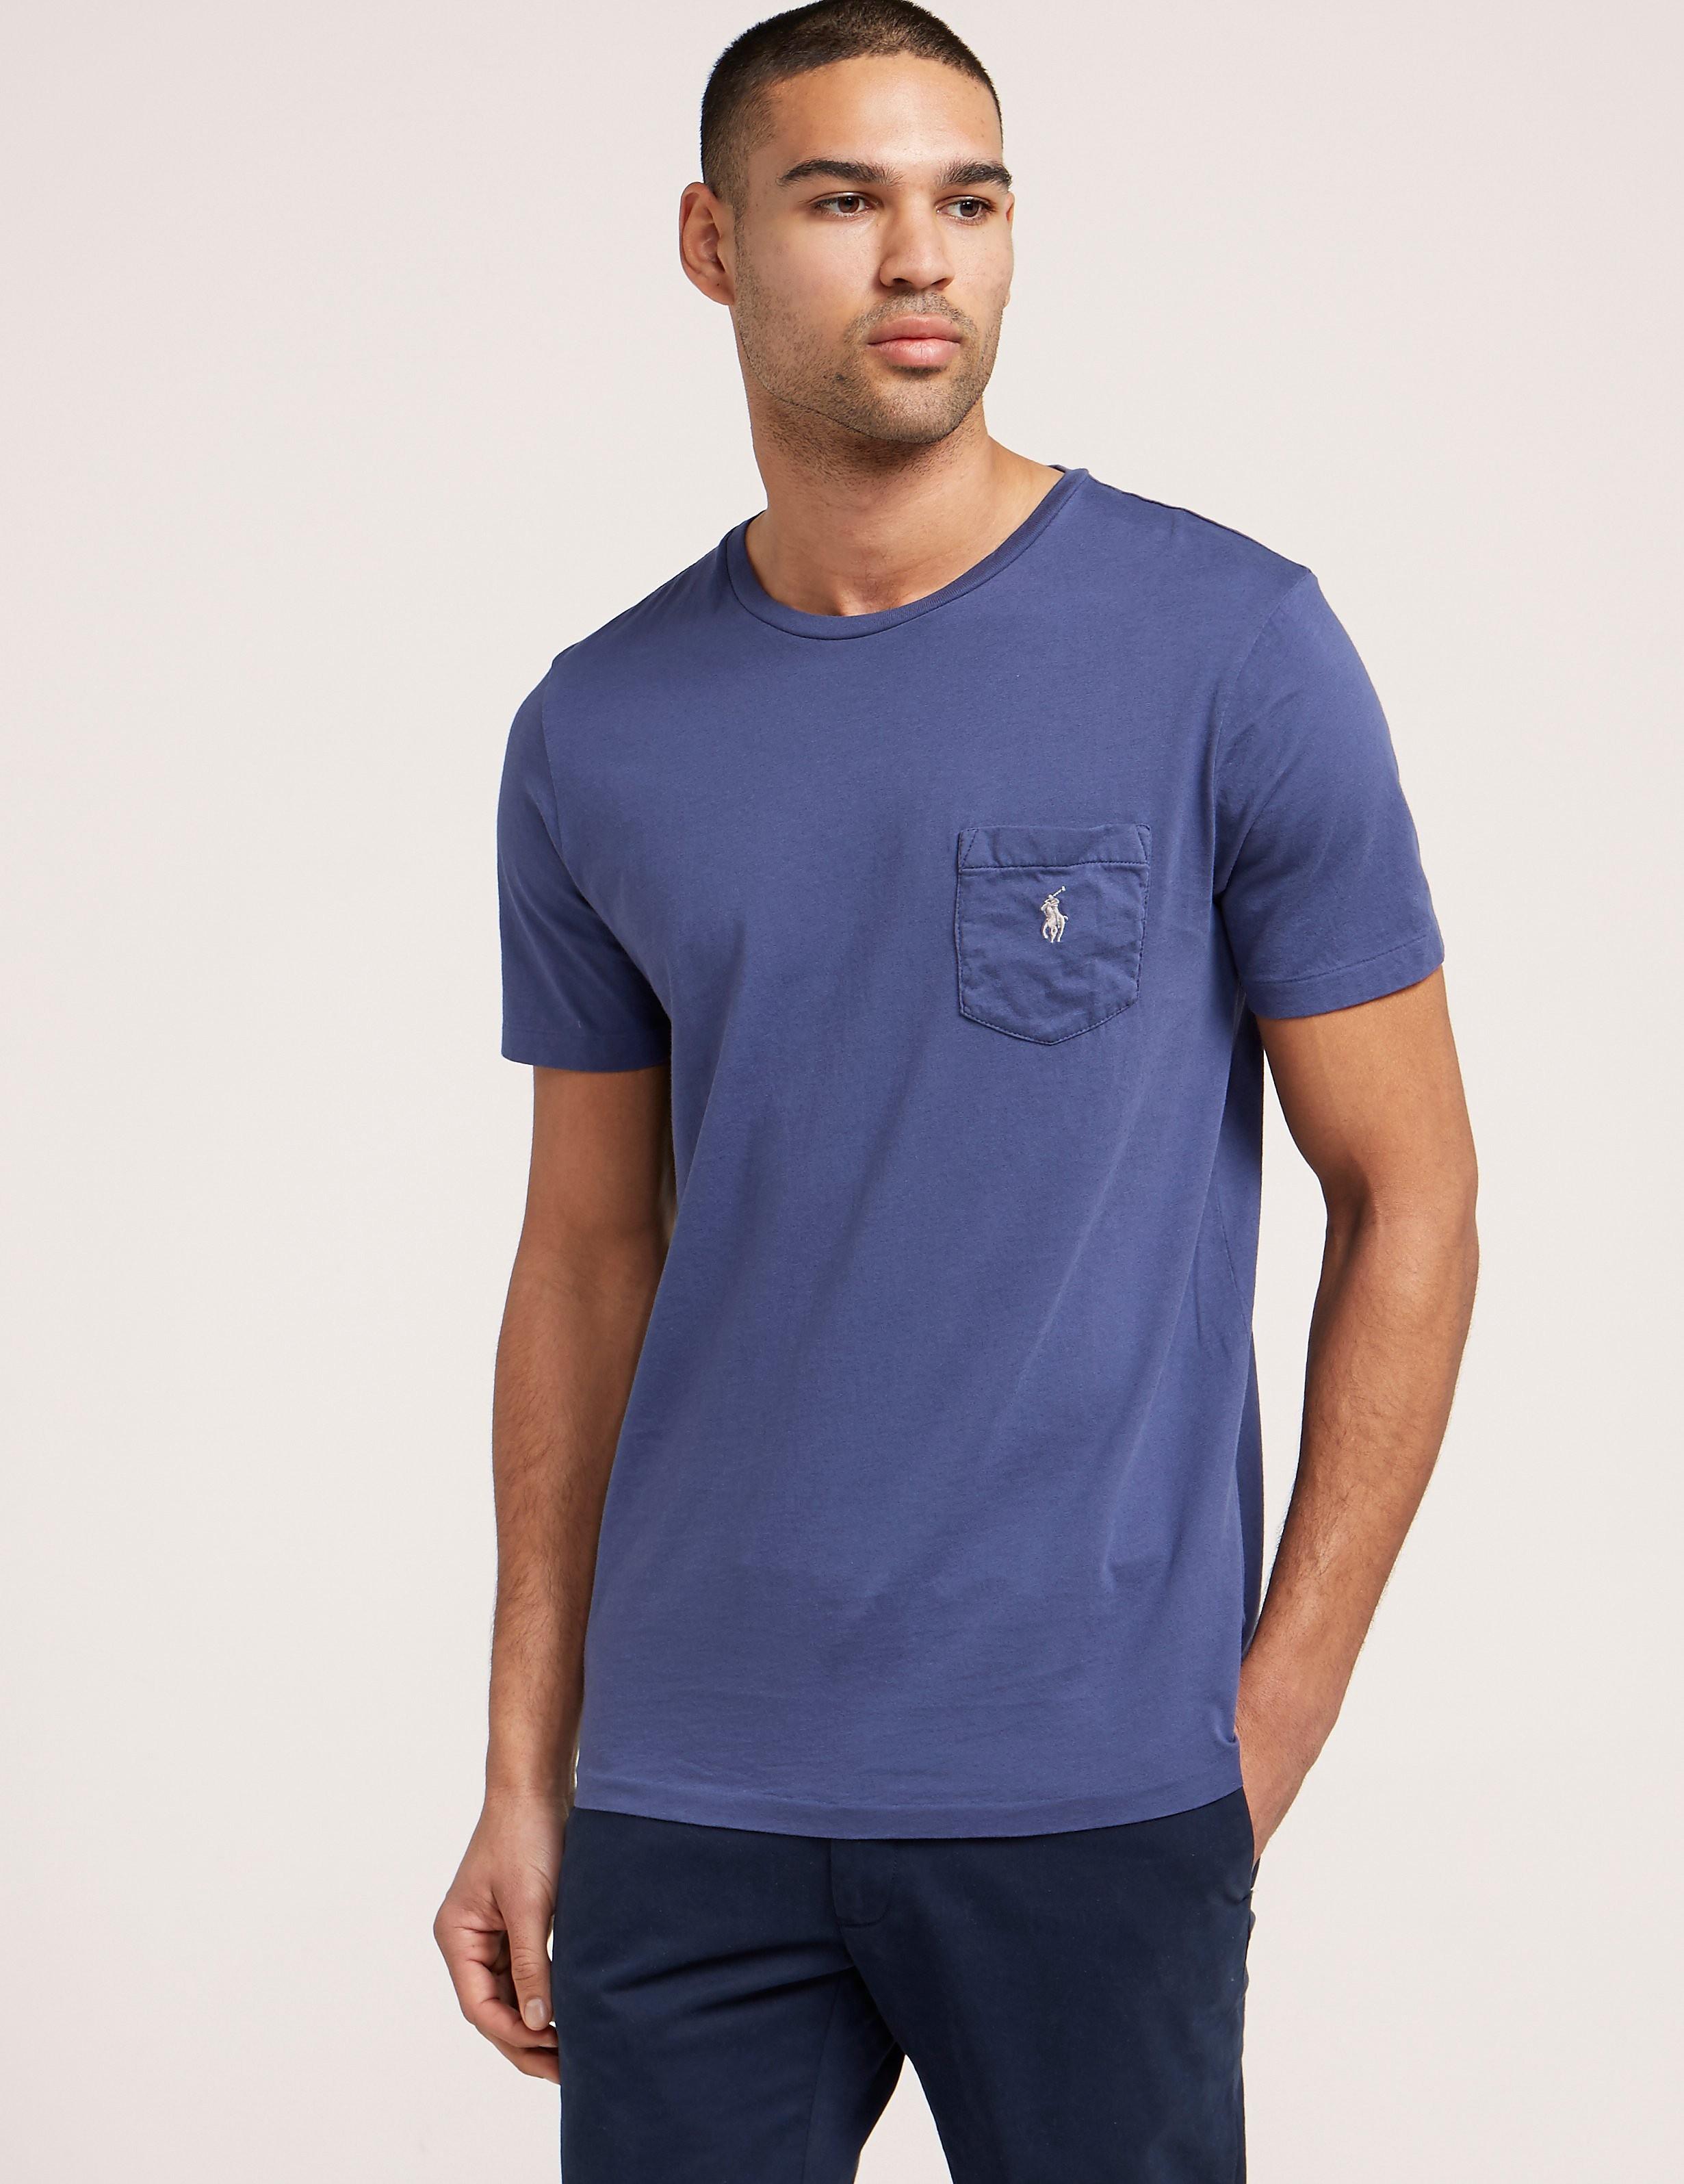 Polo Ralph Lauren Short Sleeve Pocket T-Shirt